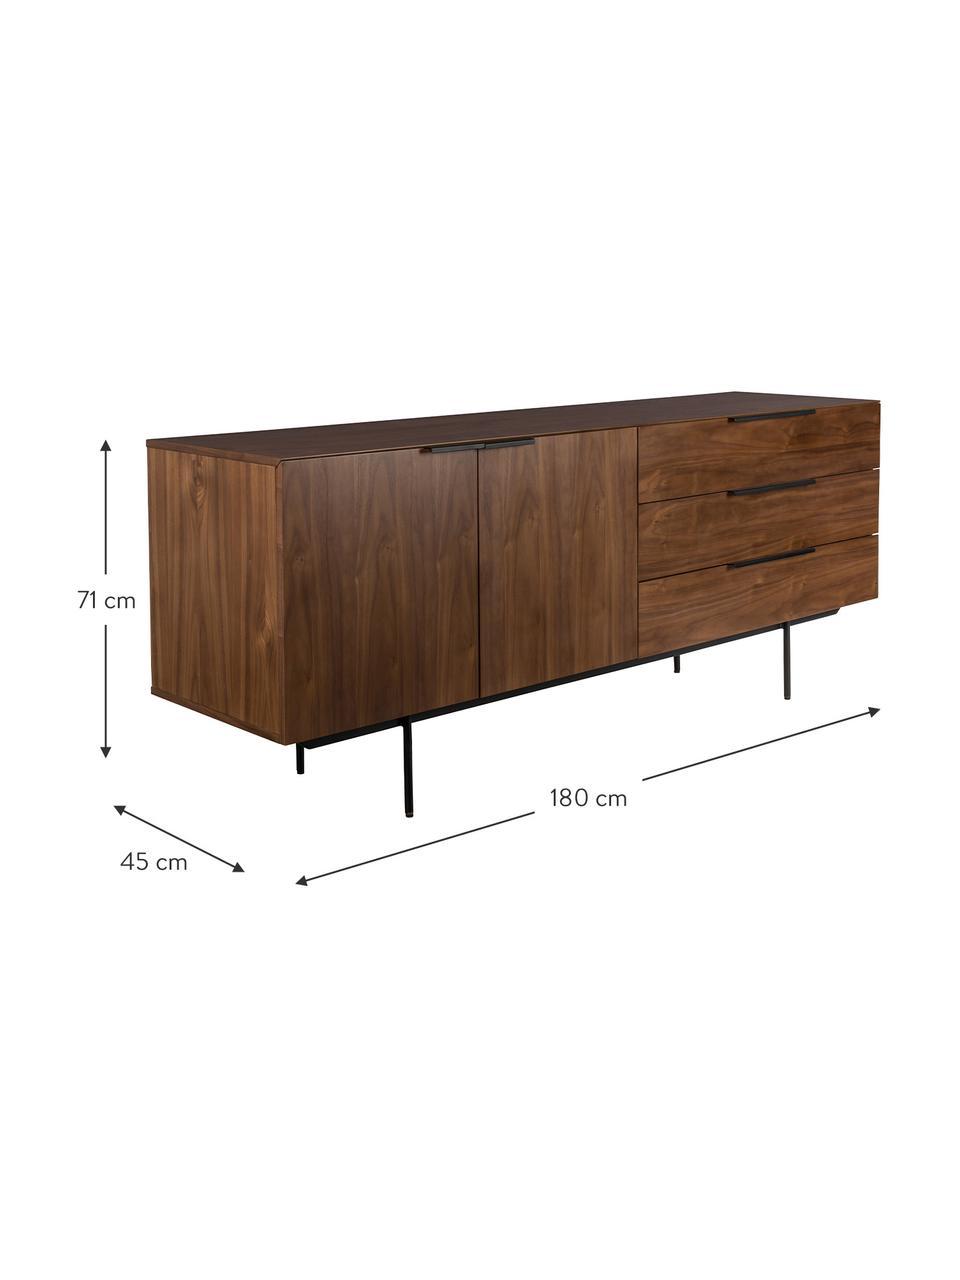 Sideboard Travis mit Nussbaumfurnier im Retro Design, Korpus: Mitteldichte Holzfaserpla, Korpus: Walnussbraun Griffe, Rahmen und Füße: Schwarz, 180 x 71 cm